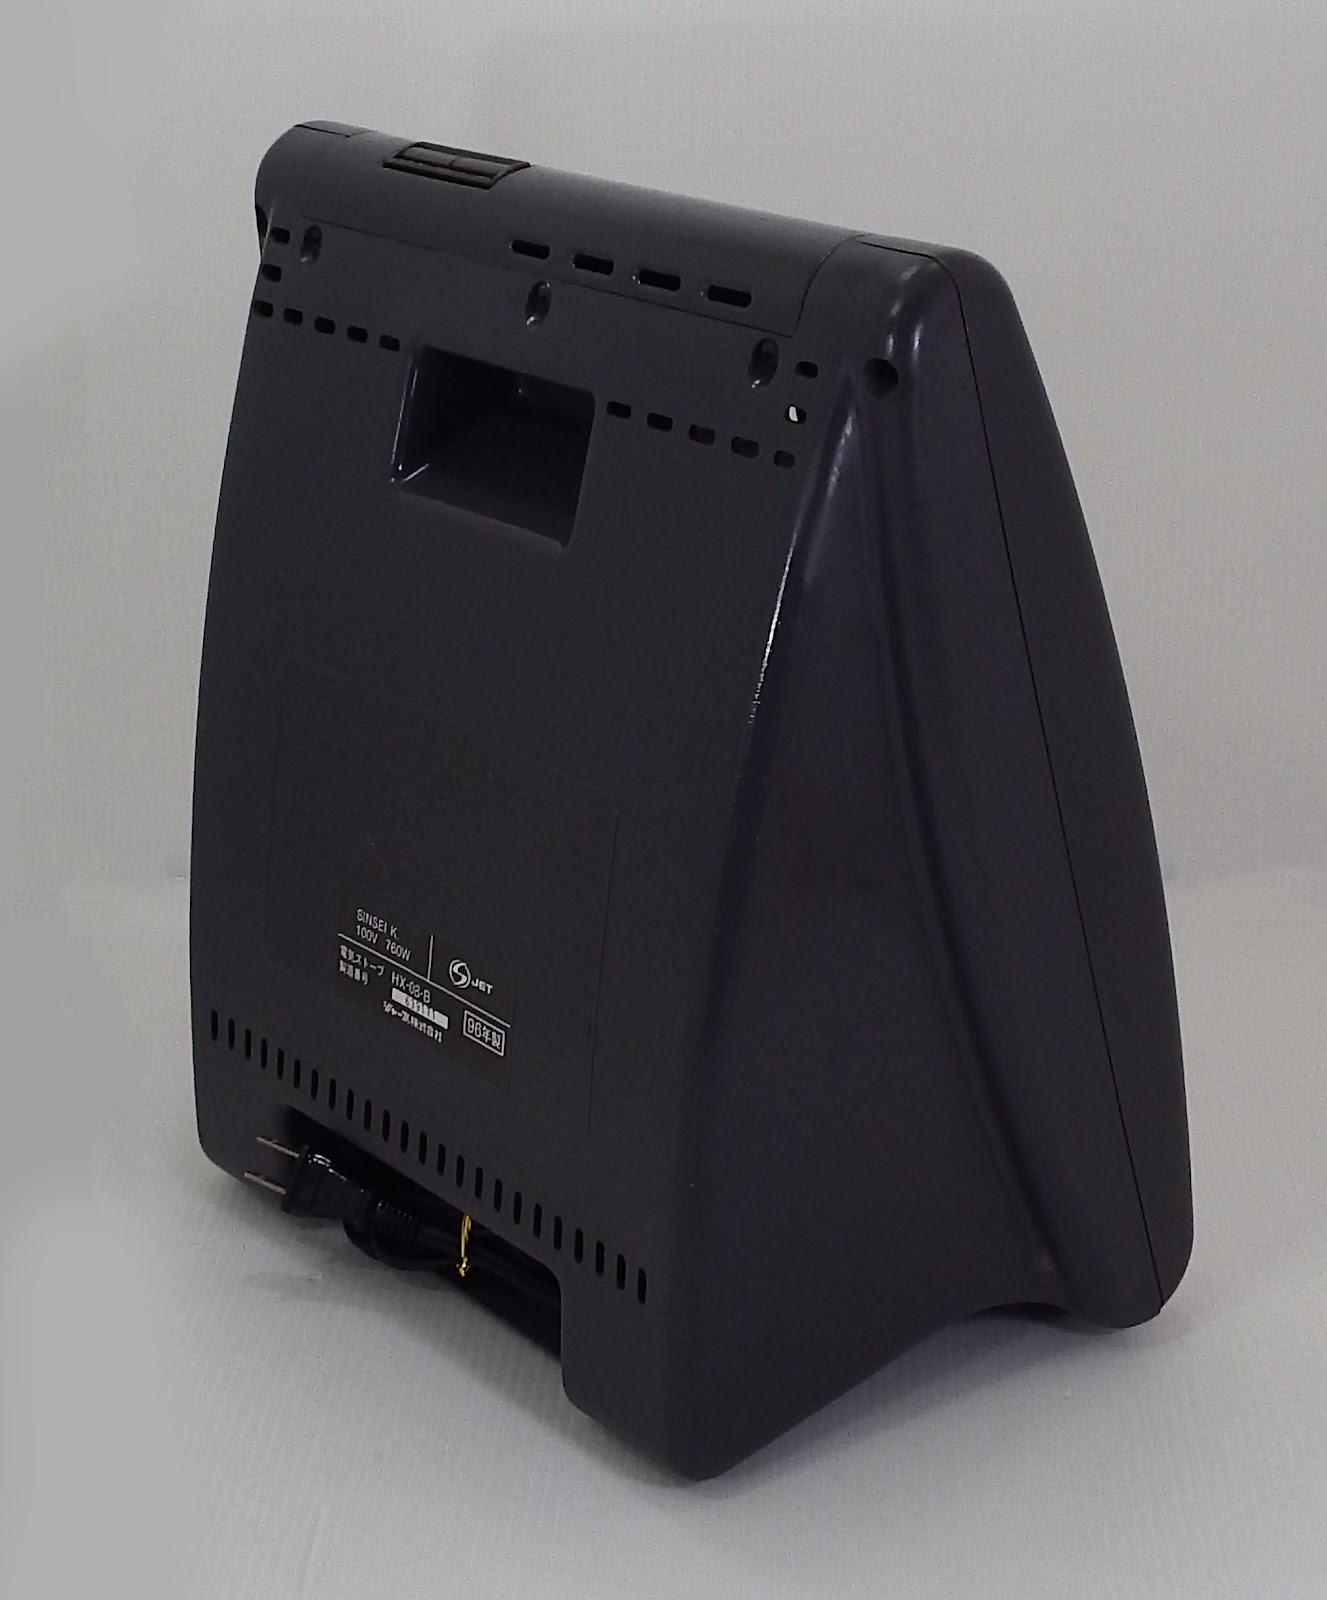 DSCF2004.JPG